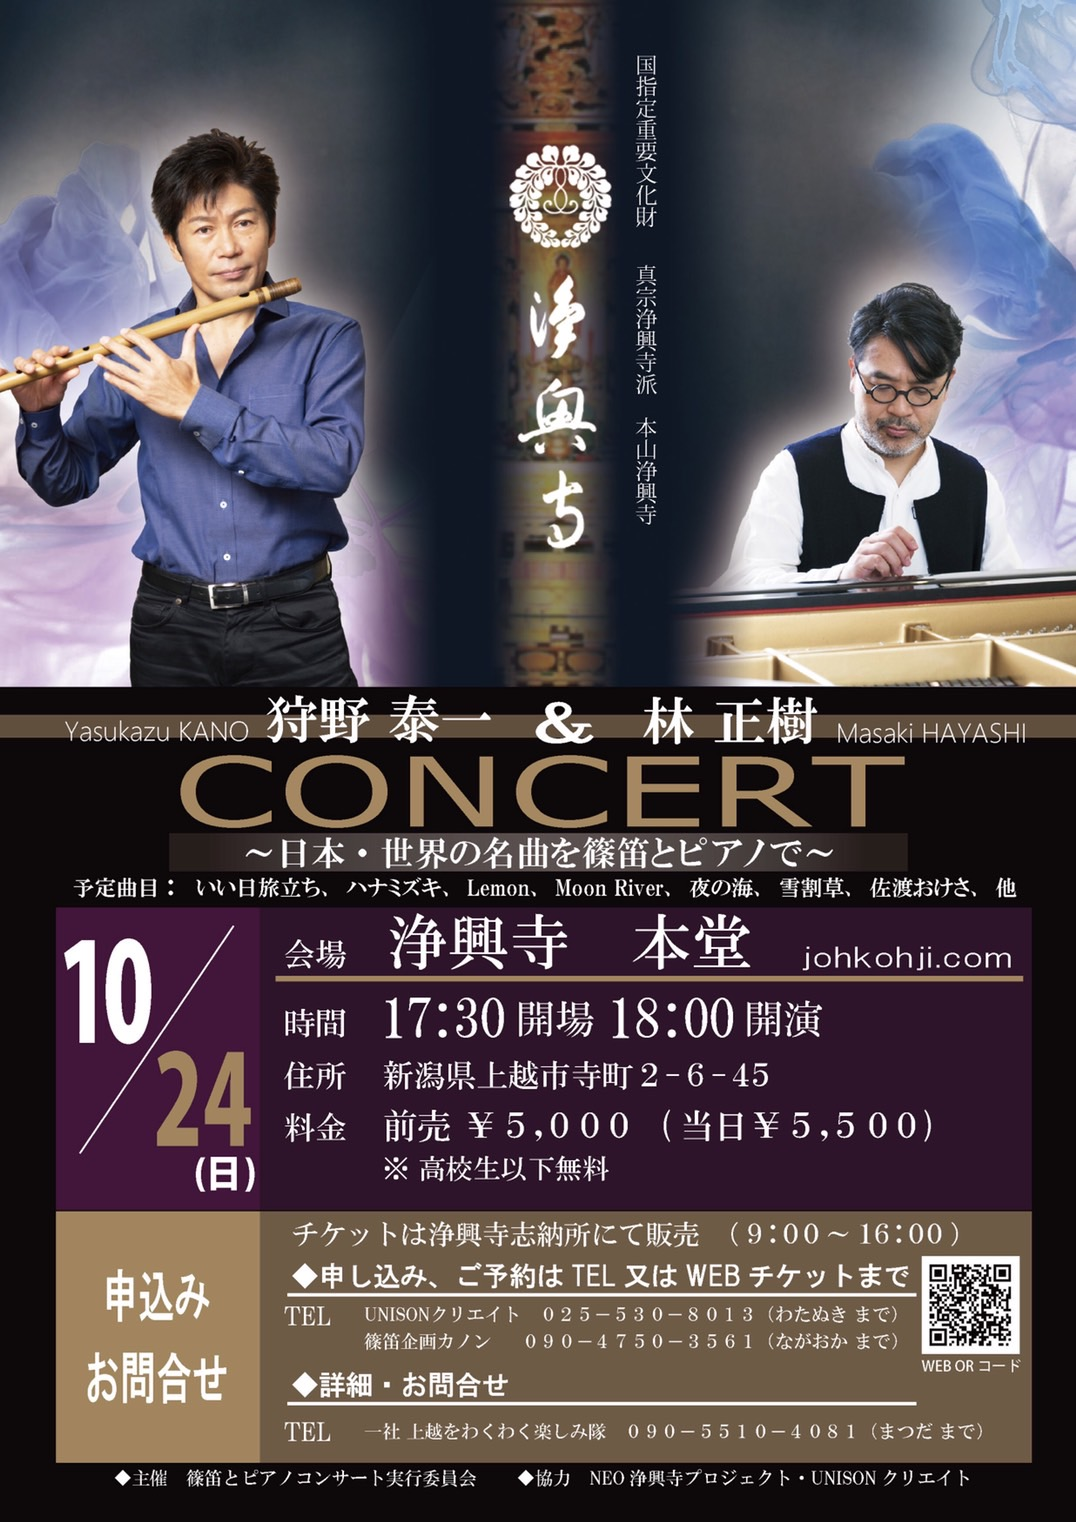 狩野泰一 & 林 正樹 CONCERT 〜日本・世界の名曲を篠笛とピアノで〜